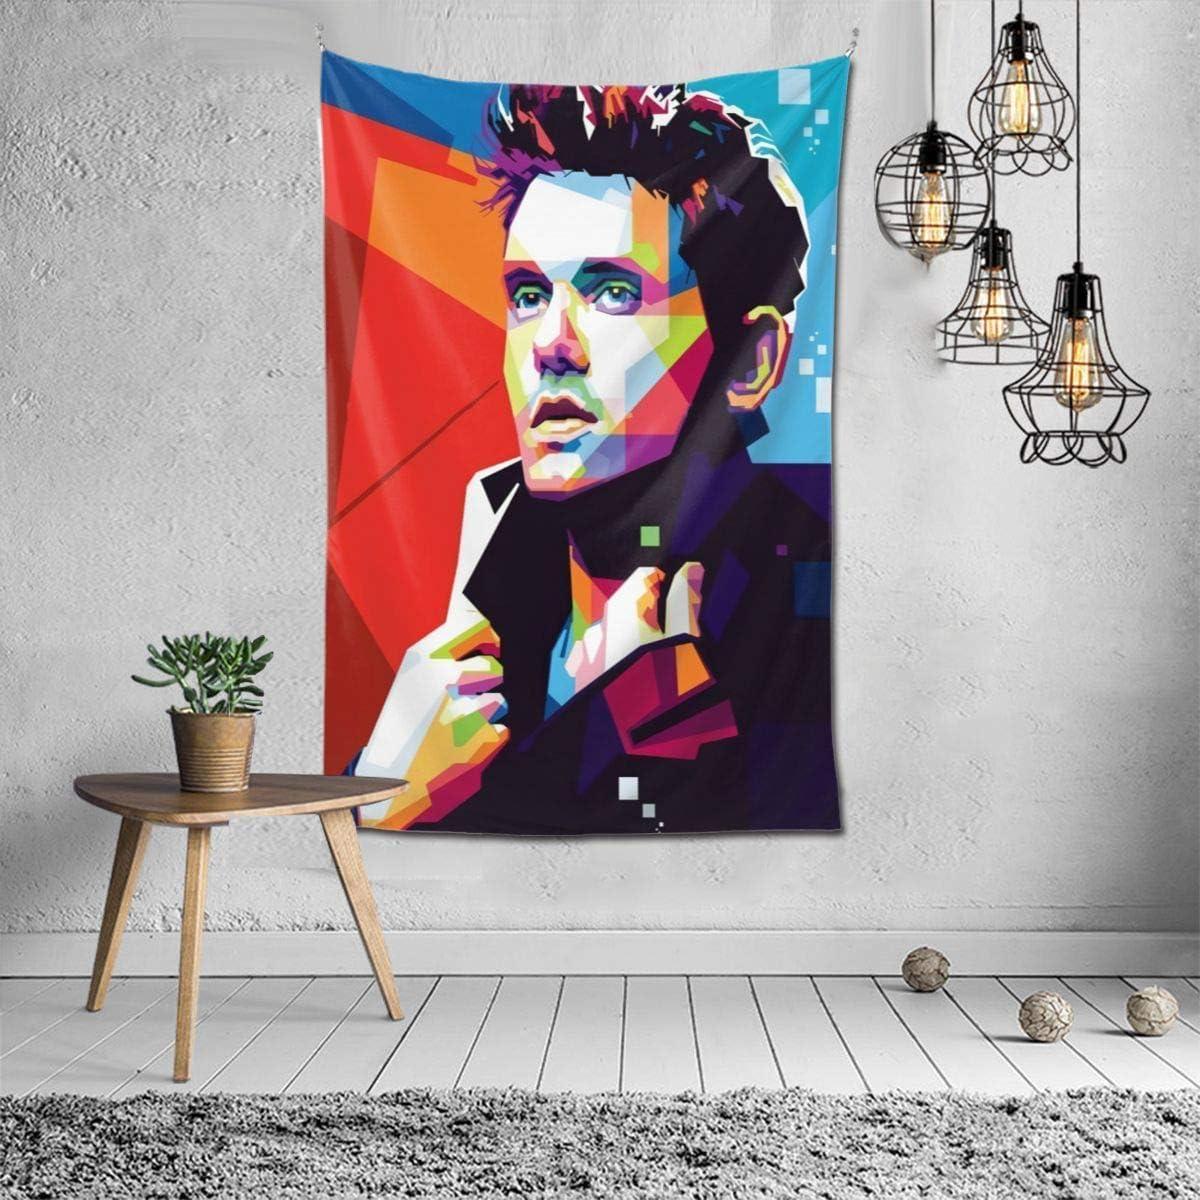 Lawenp John Mayer Tapiz Negro para Colgar en la Pared, Cortina única artística para decoración del hogar Personalizada de la habitación, 60 x 40 Pulgadas